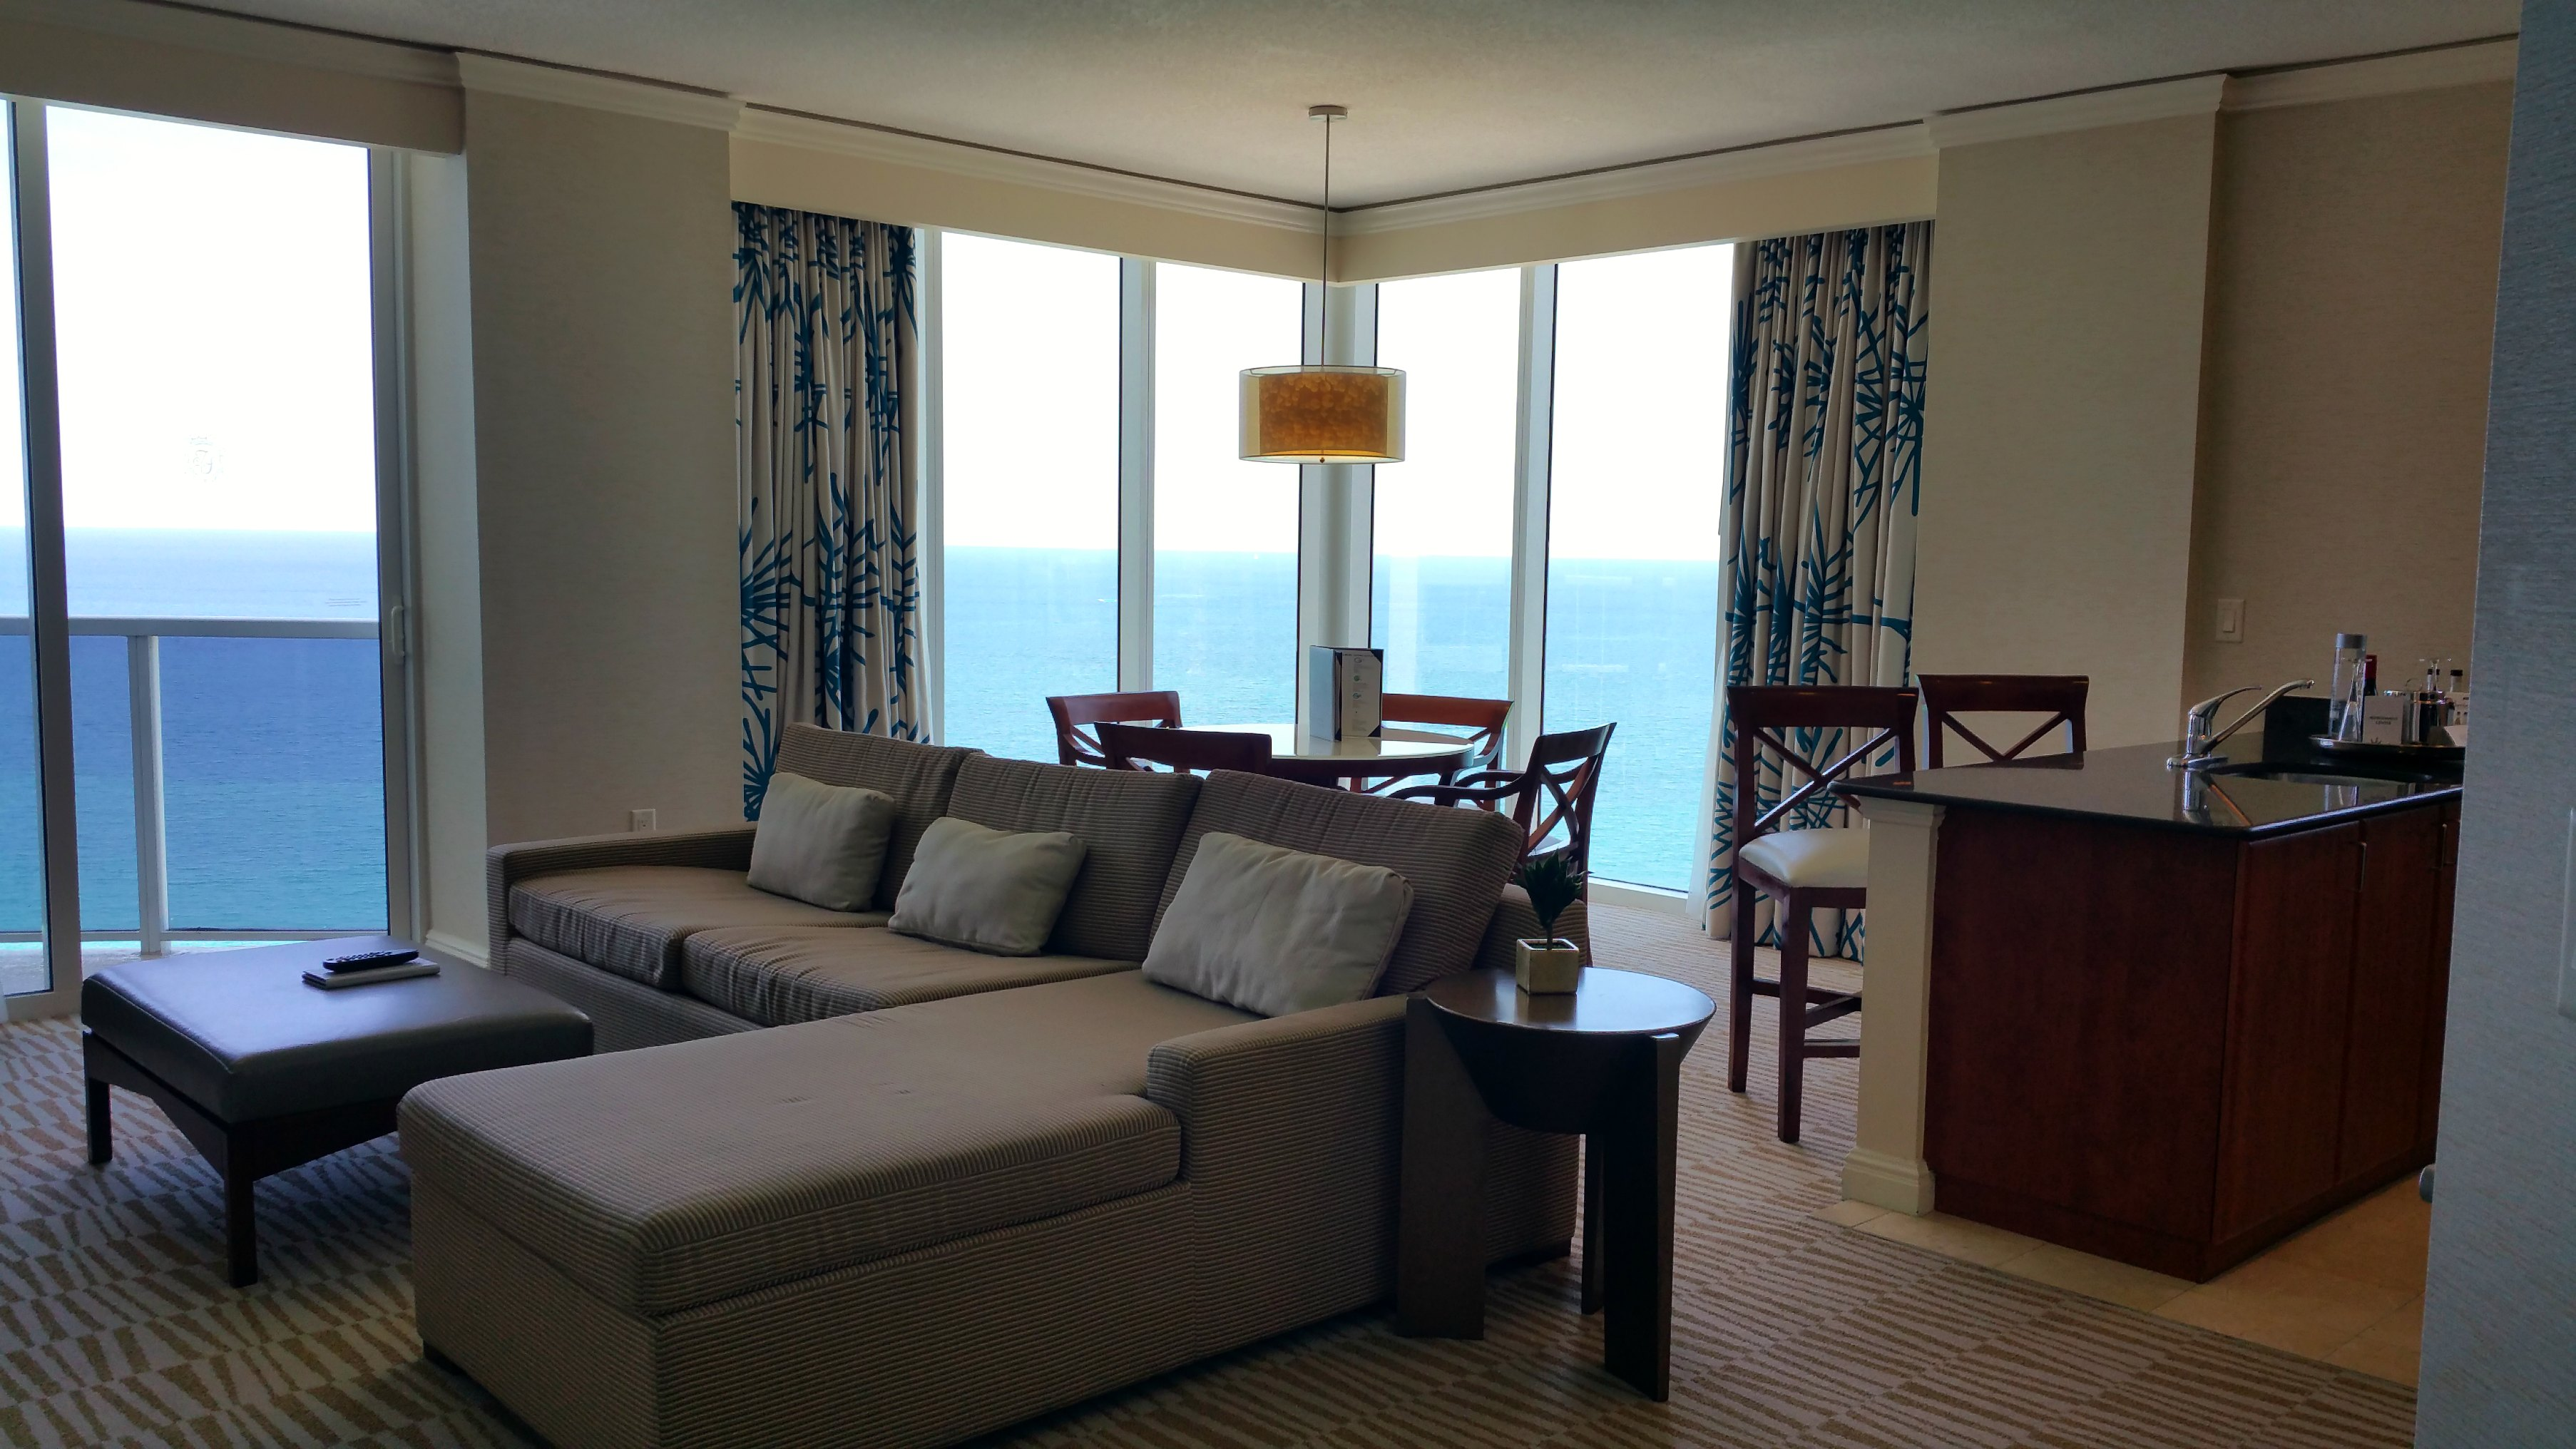 suite review trump miami